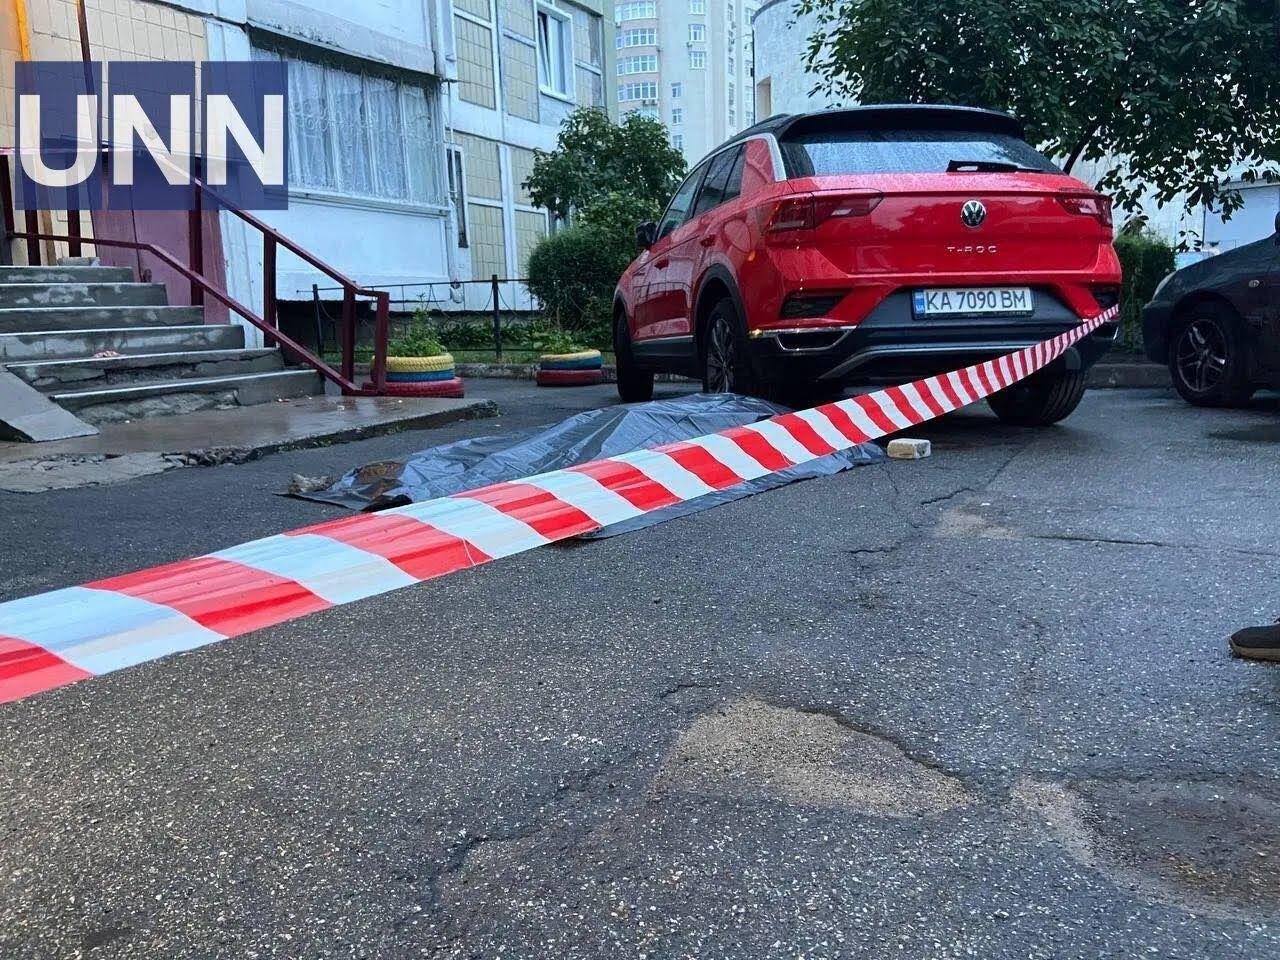 От полученных травм киевлянин скончался на месте происшествия.